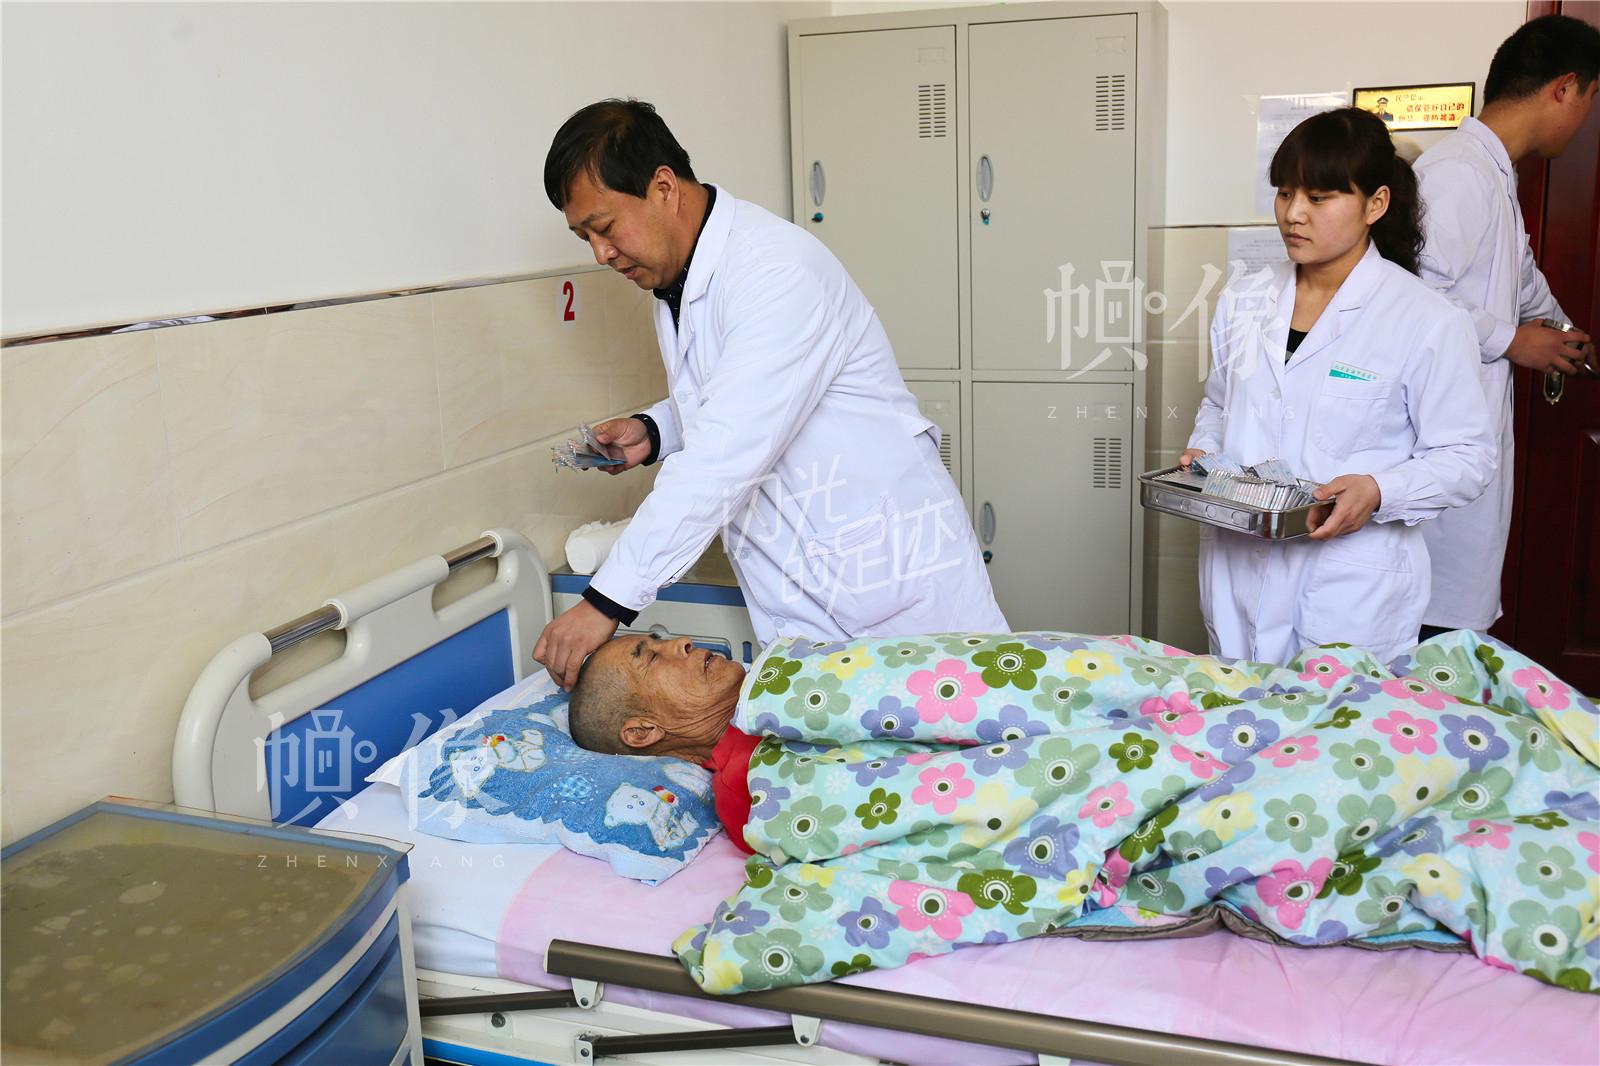 """""""医养结合""""是张坊镇金海养老中心的特色内容,王金海每天上午例行查房后都会为患者做针灸治疗。中国网记者 黄富友 摄"""